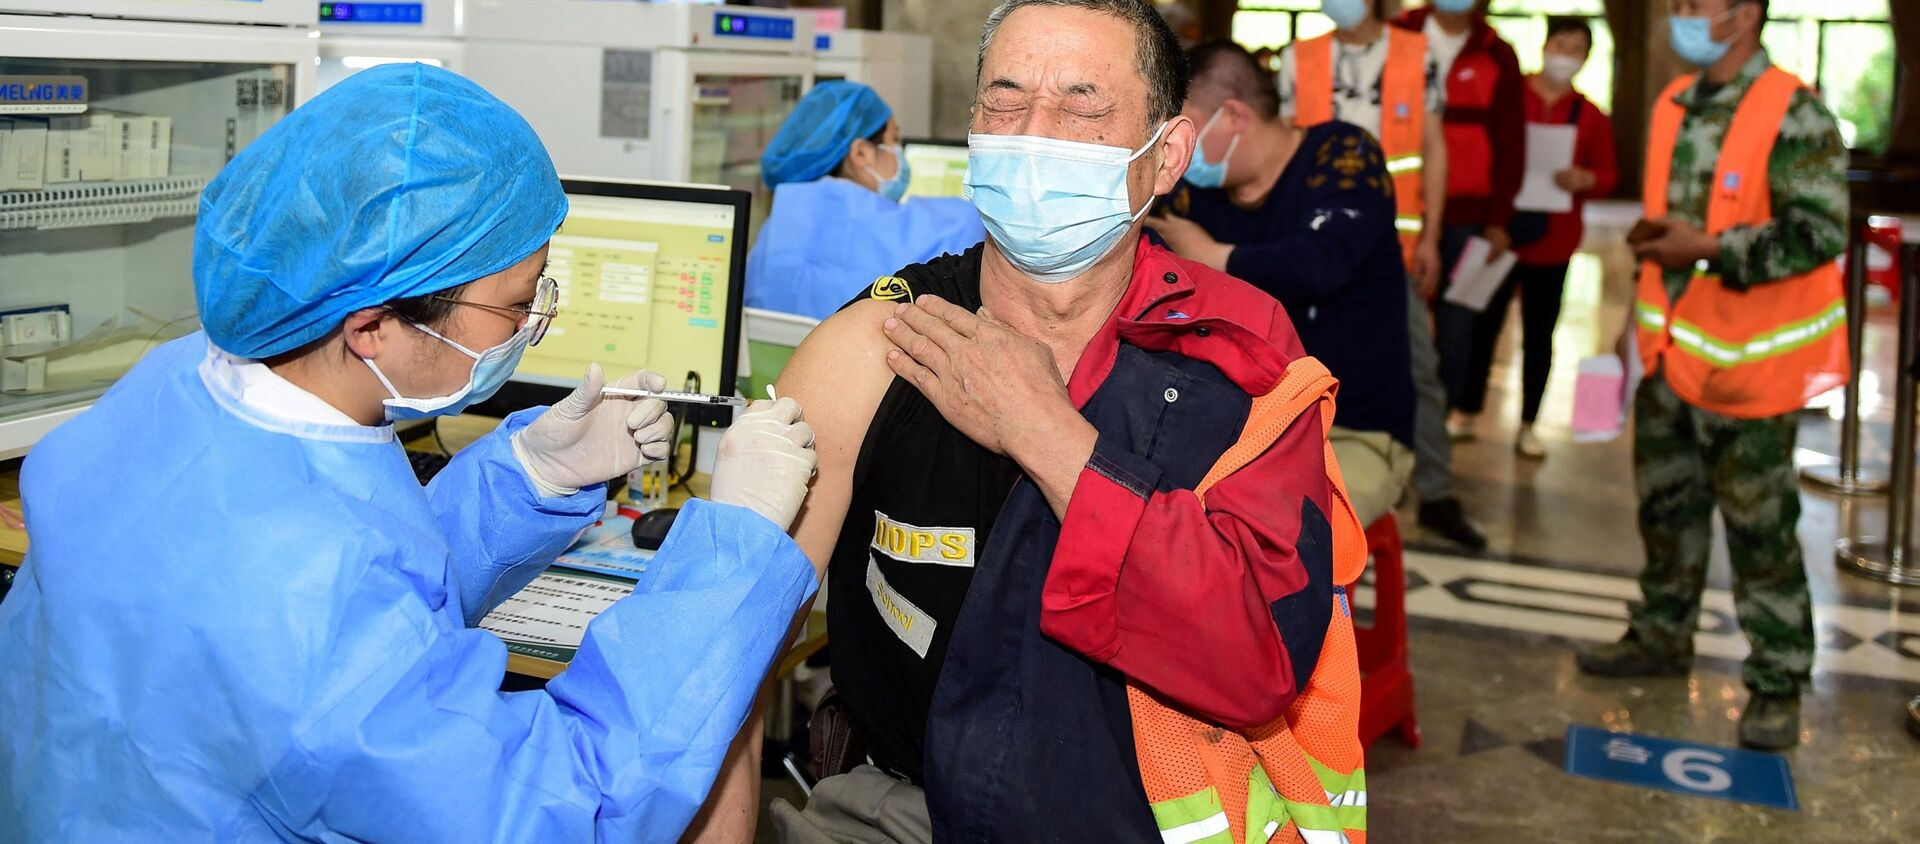 Công nhân Trung Quốc tiêm phòng vắc xin chống coronavirus. - Sputnik Việt Nam, 1920, 18.07.2021